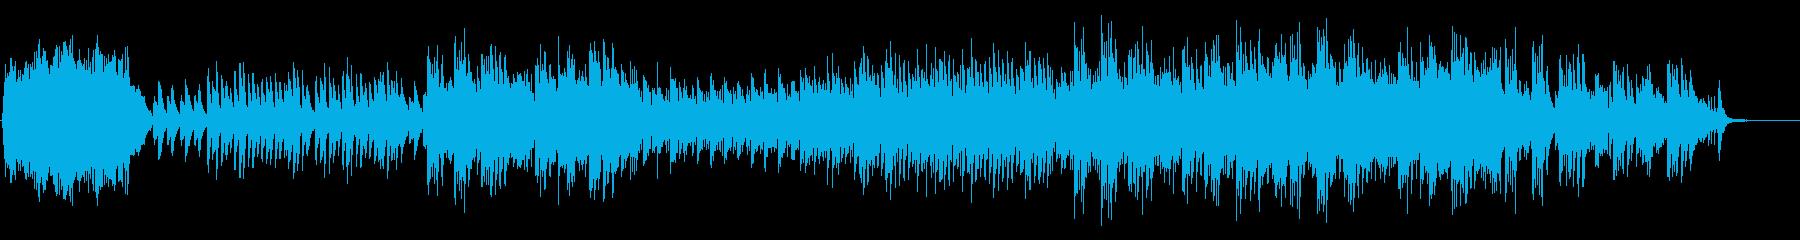 ハープとピアノが感傷的に響くバラードの再生済みの波形